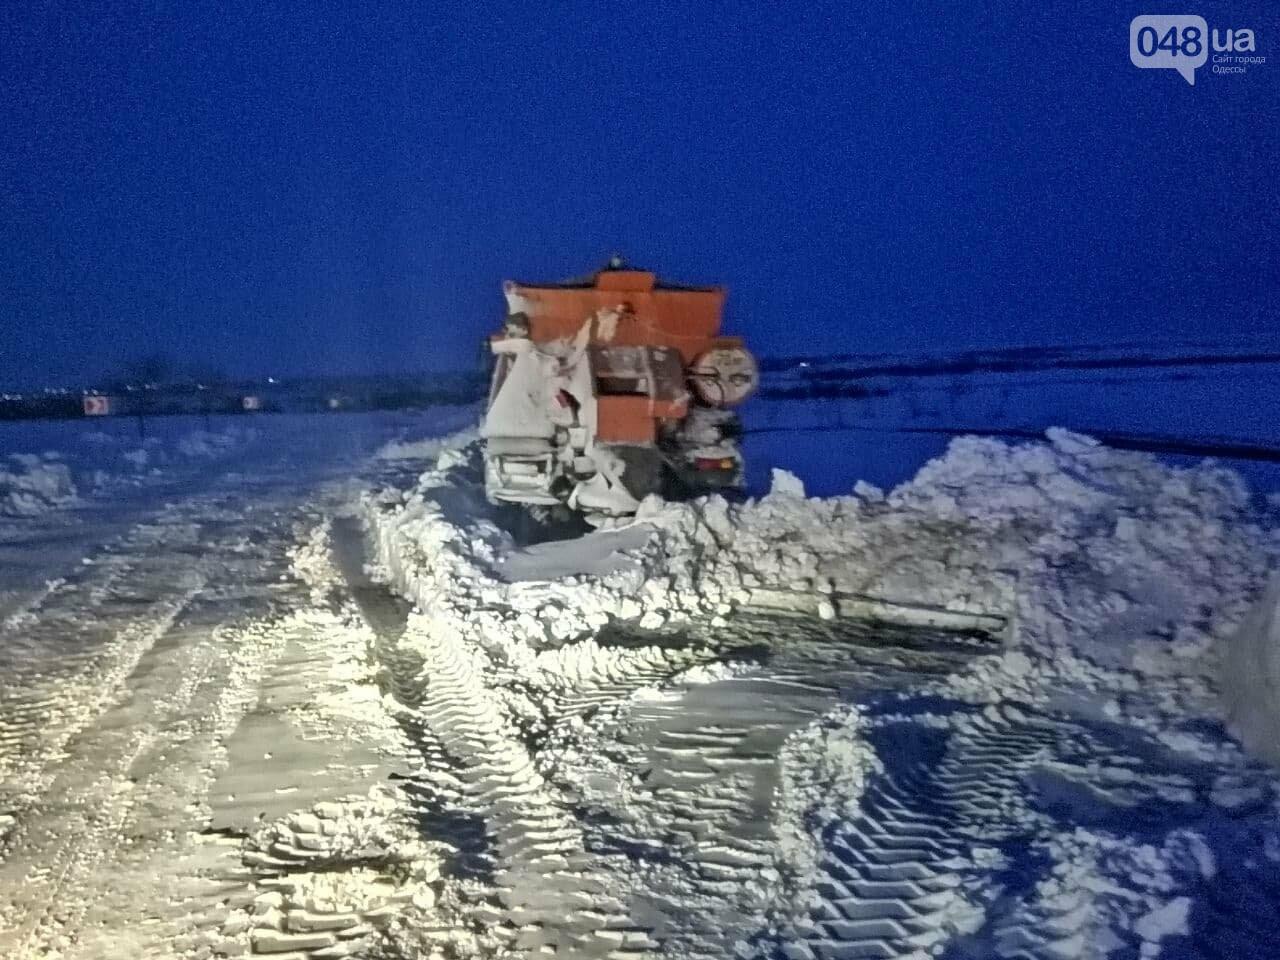 300 грузовых автомобилей застряли в снегу на трассах в Одесской области,- ФОТО, ВИДЕО, фото-5